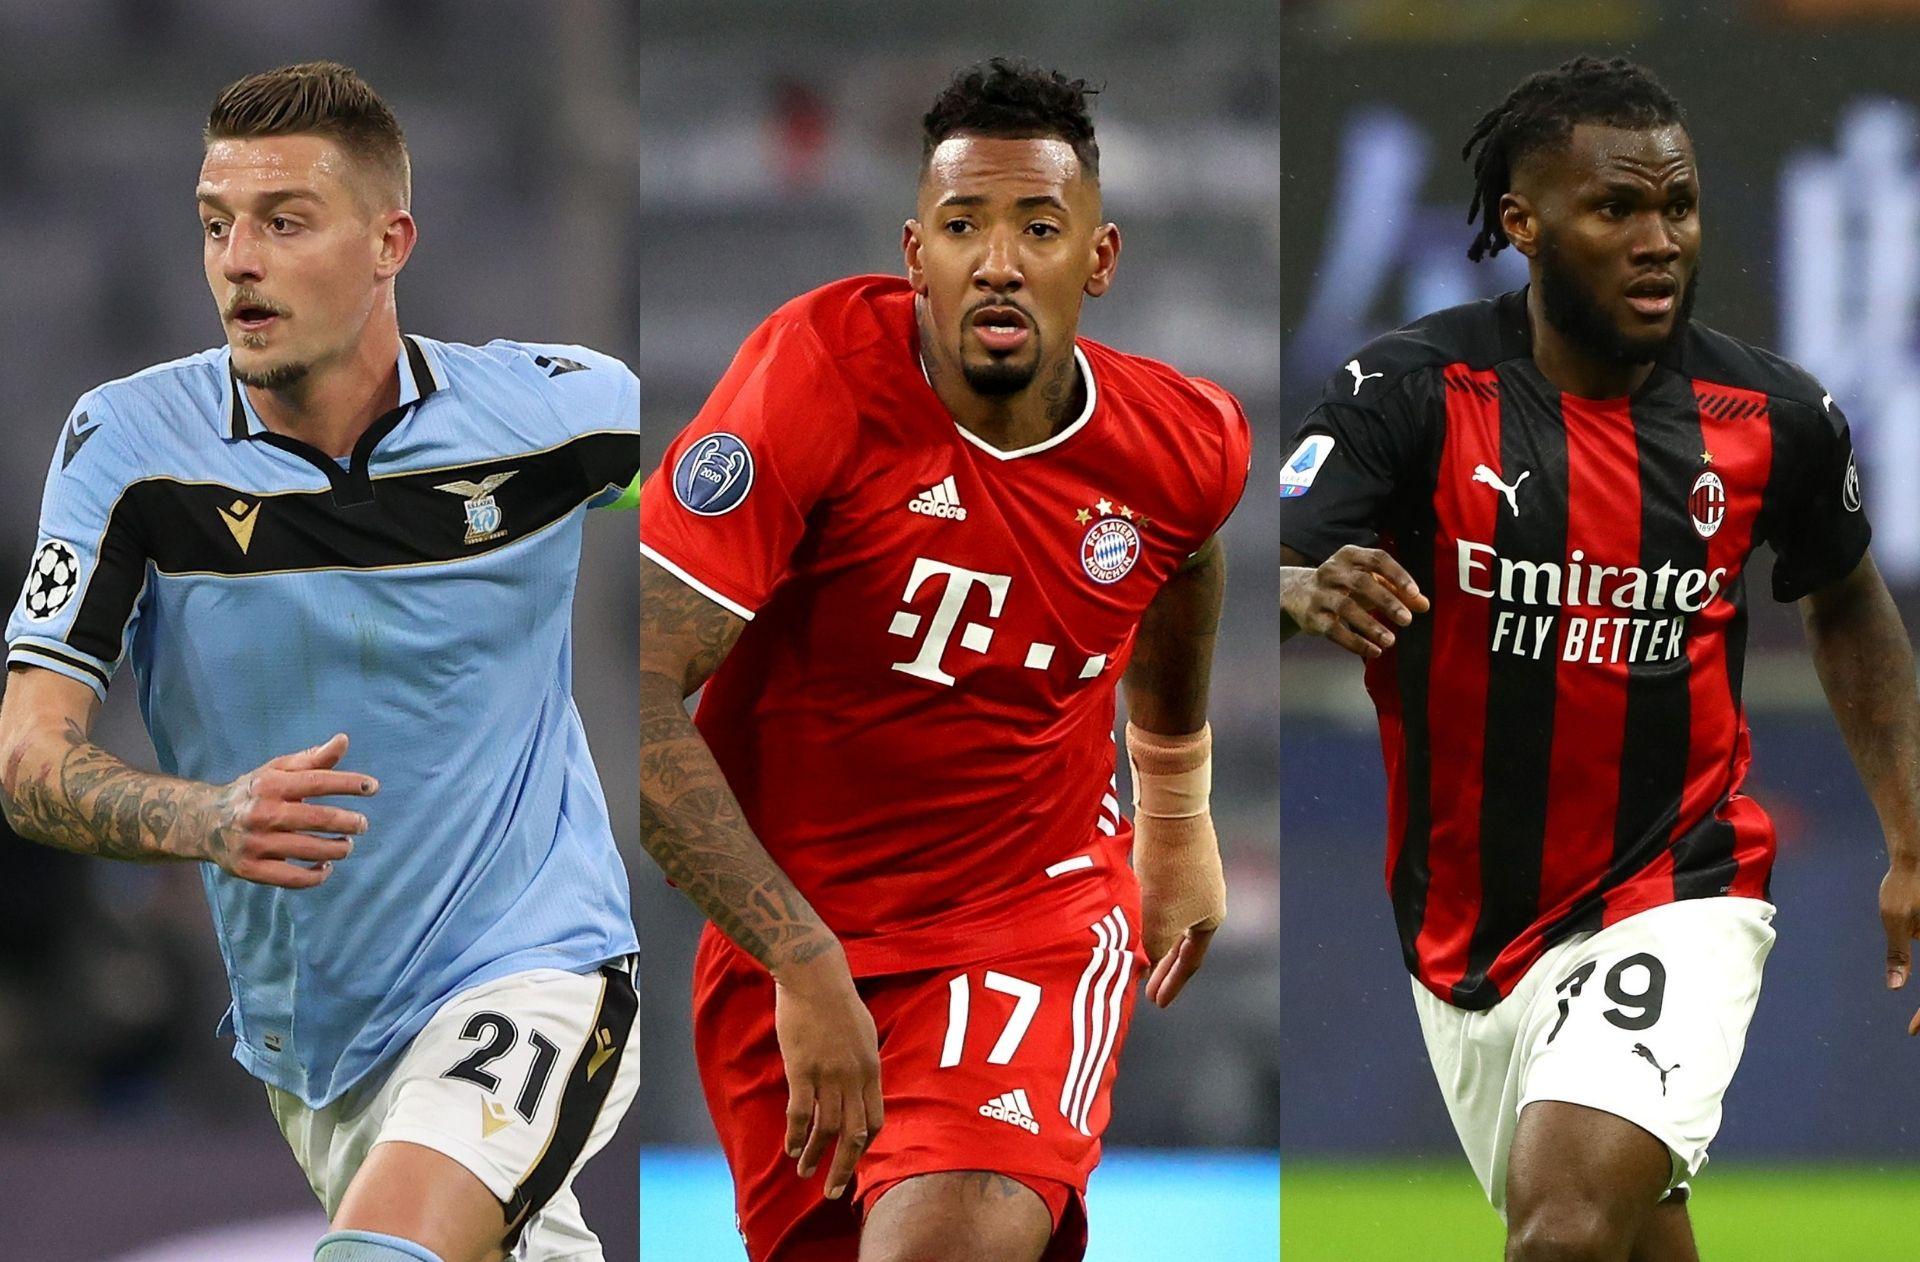 Sergej Milinkovic-Savic of Lazio, Jerome Boateng of Bayern Munich, Franck Kessie of AC Milan